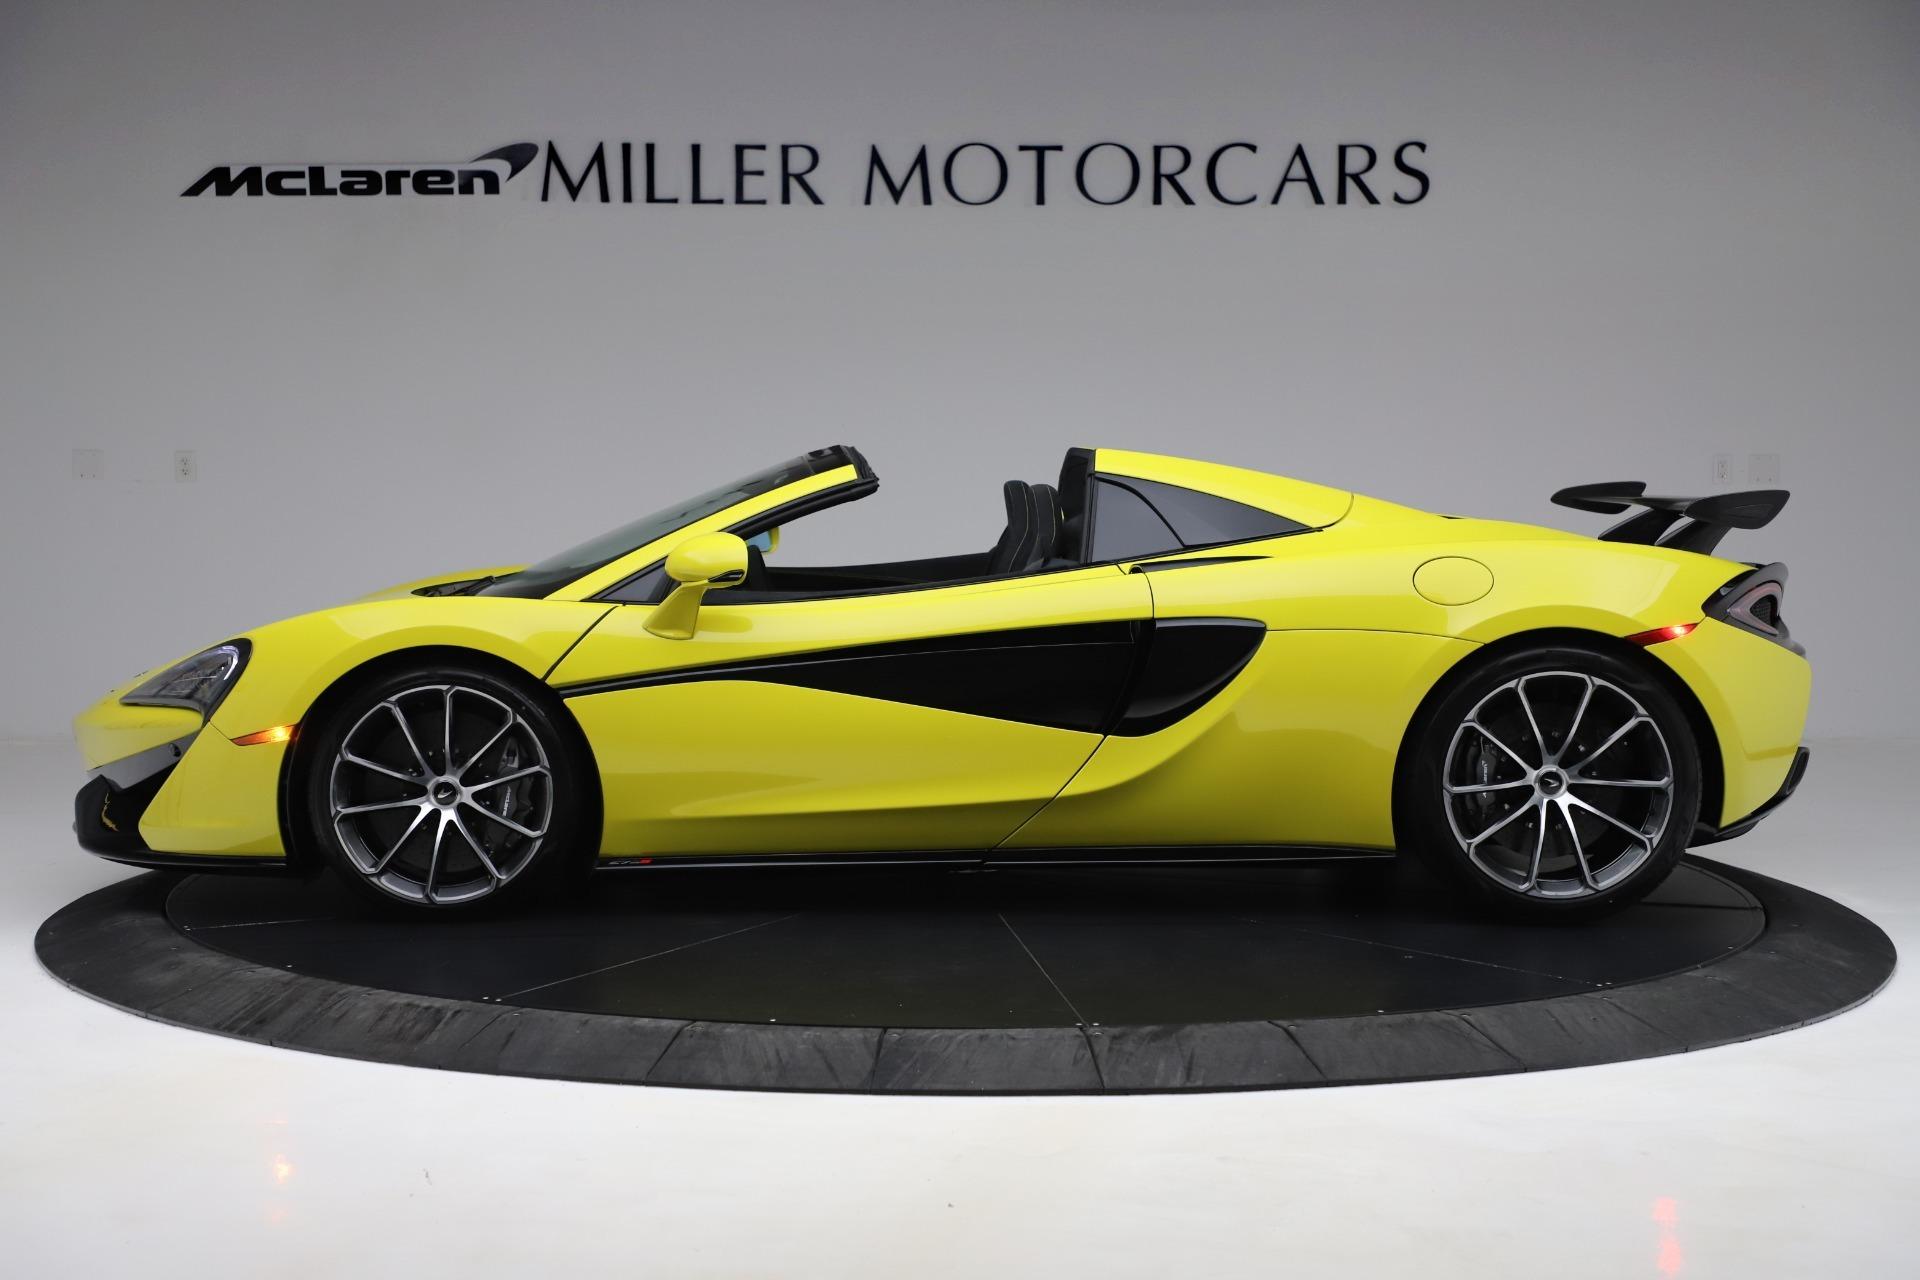 New-2019-McLaren-570S-Convertible